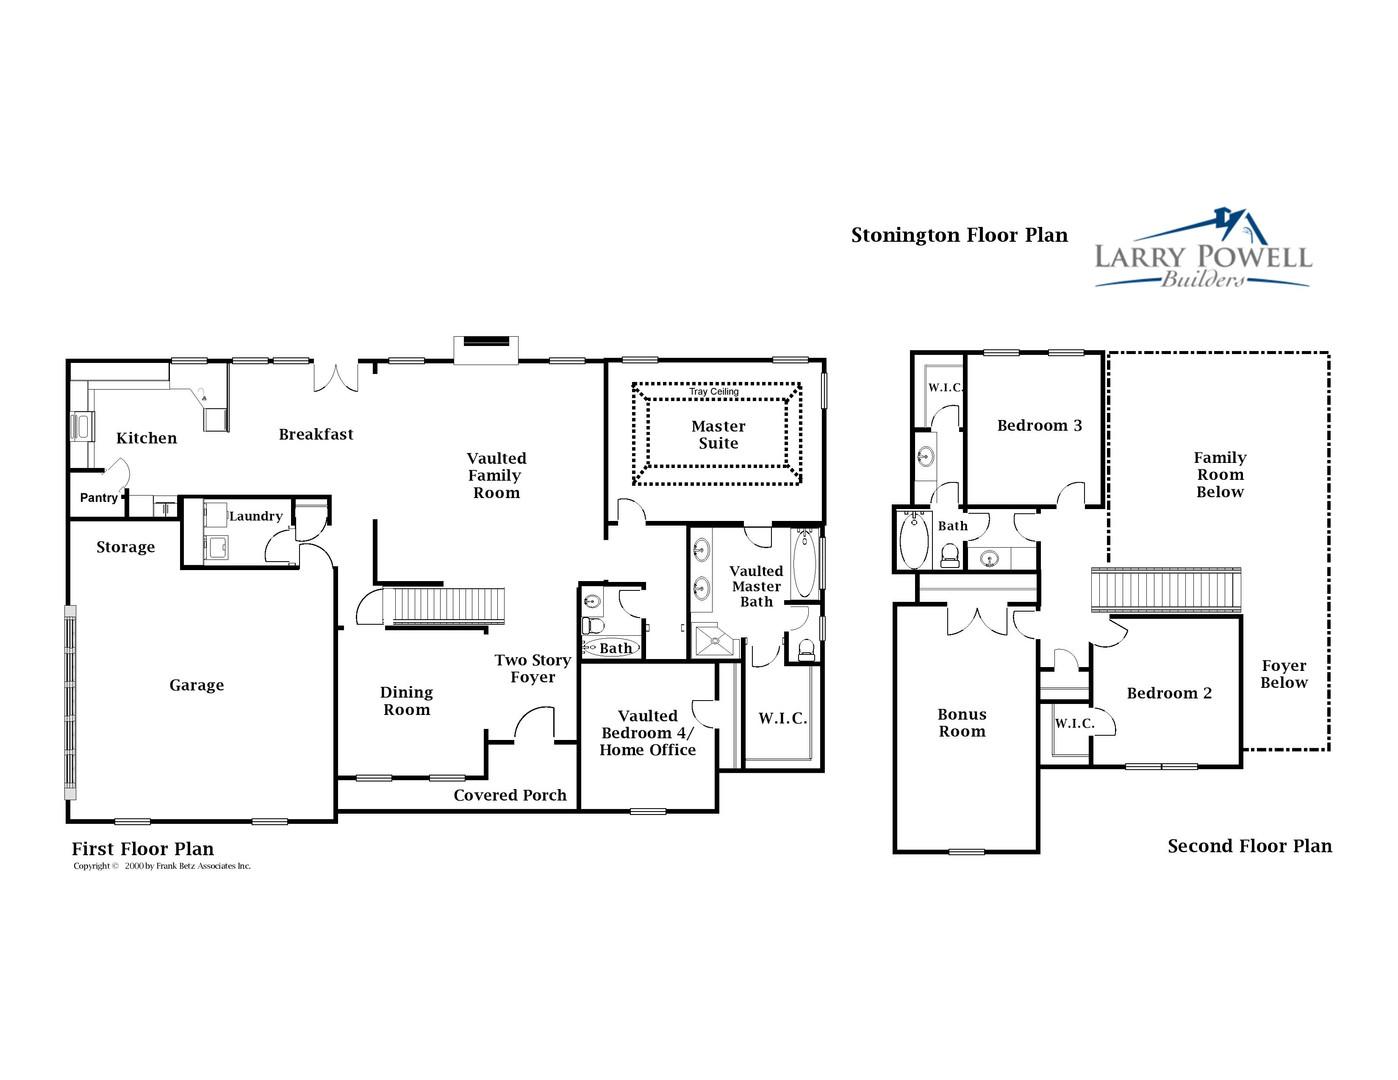 Stonington Floor Plan